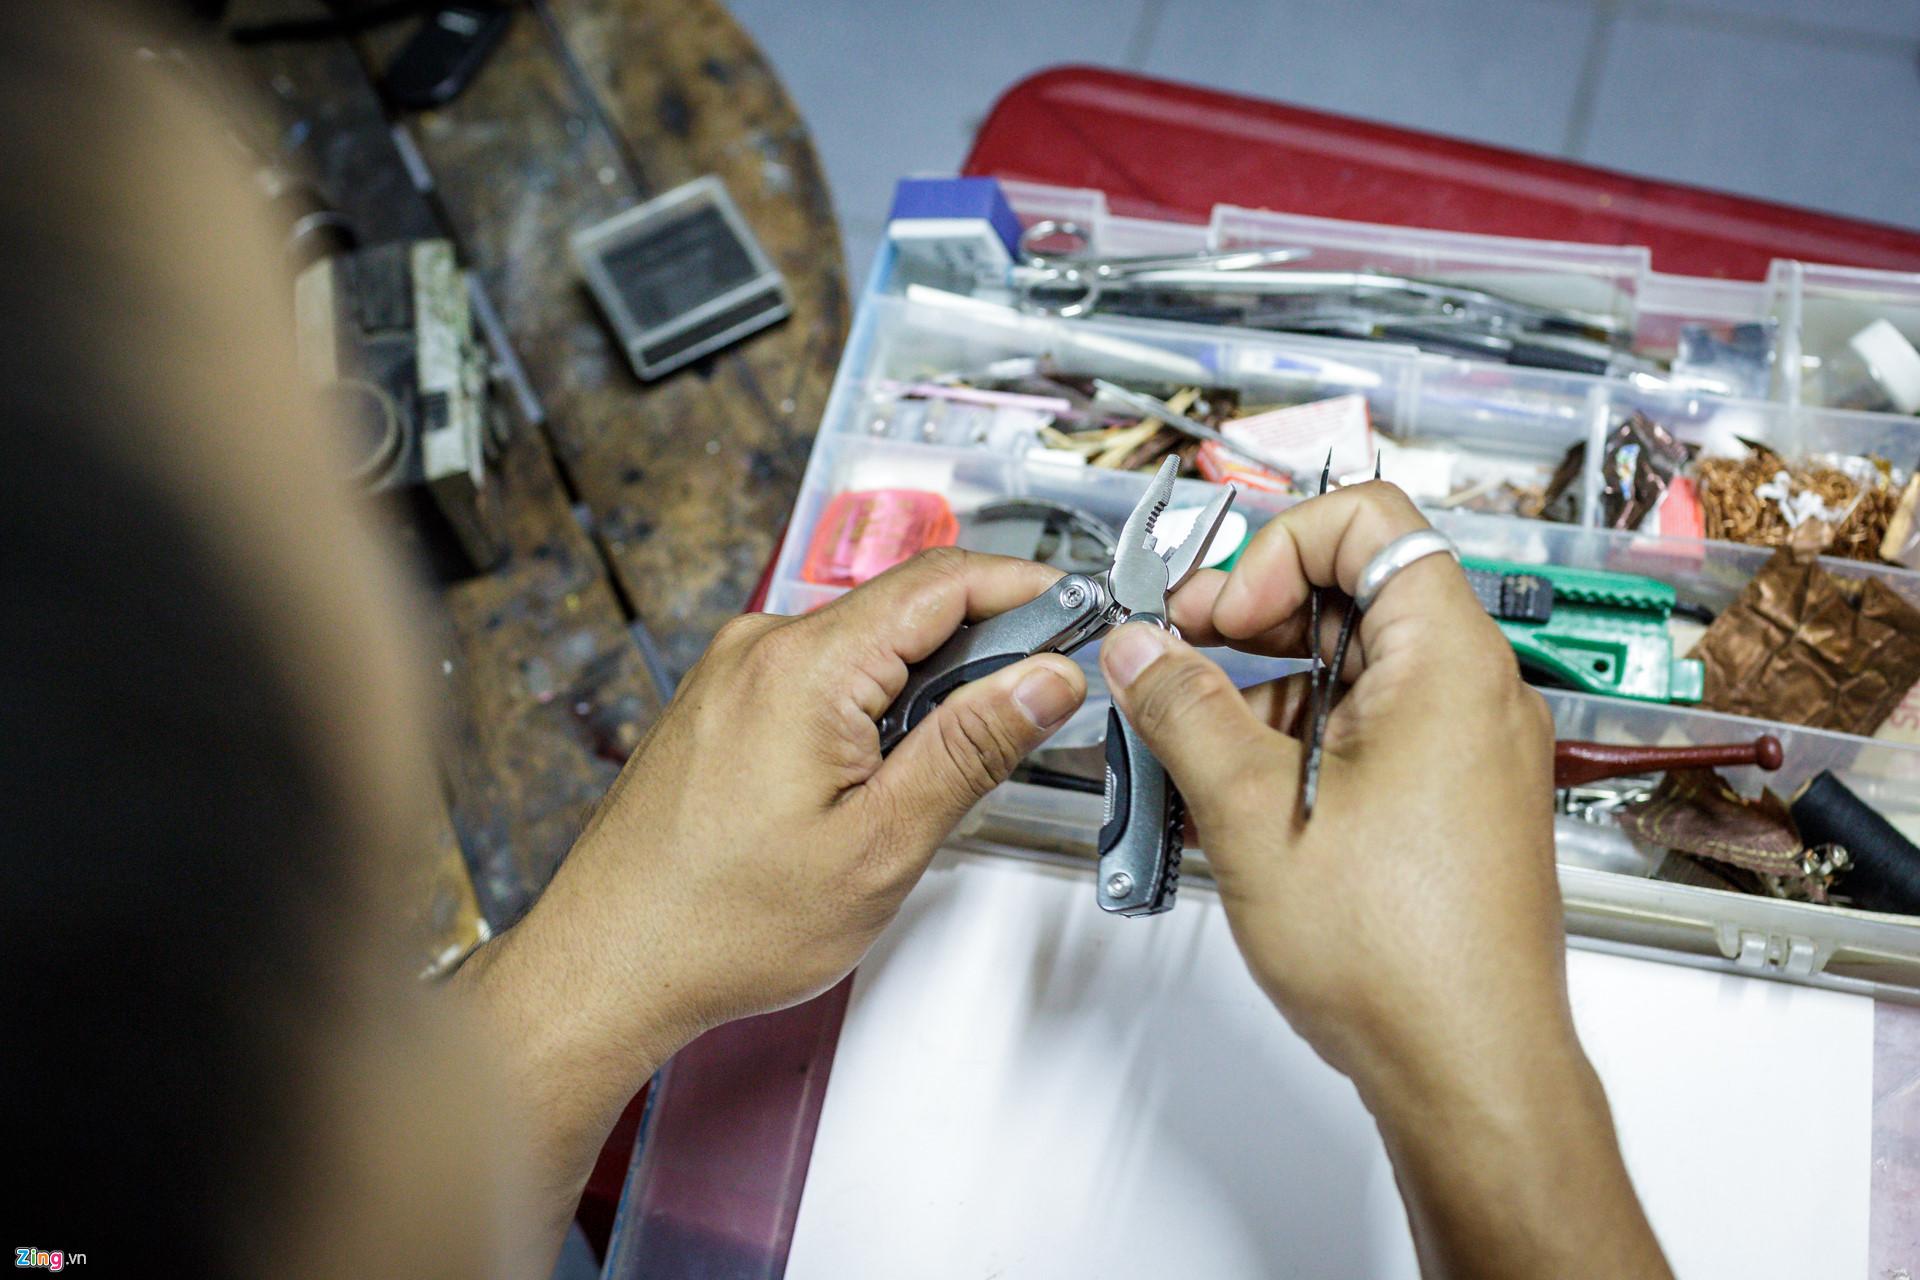 Trong khi đó, dụng cụ để làm mô hình cũng hoàn toàn là những vật dụng dễ kiếm như kềm, nhíp, kéo... Tuy nhiên, sau khi mua dụng cụ về, ông phải chế lại, chẳng hạn như vuốt nhỏ đầu nhíp để phù hợp với loại hình công việc đặc thù này.